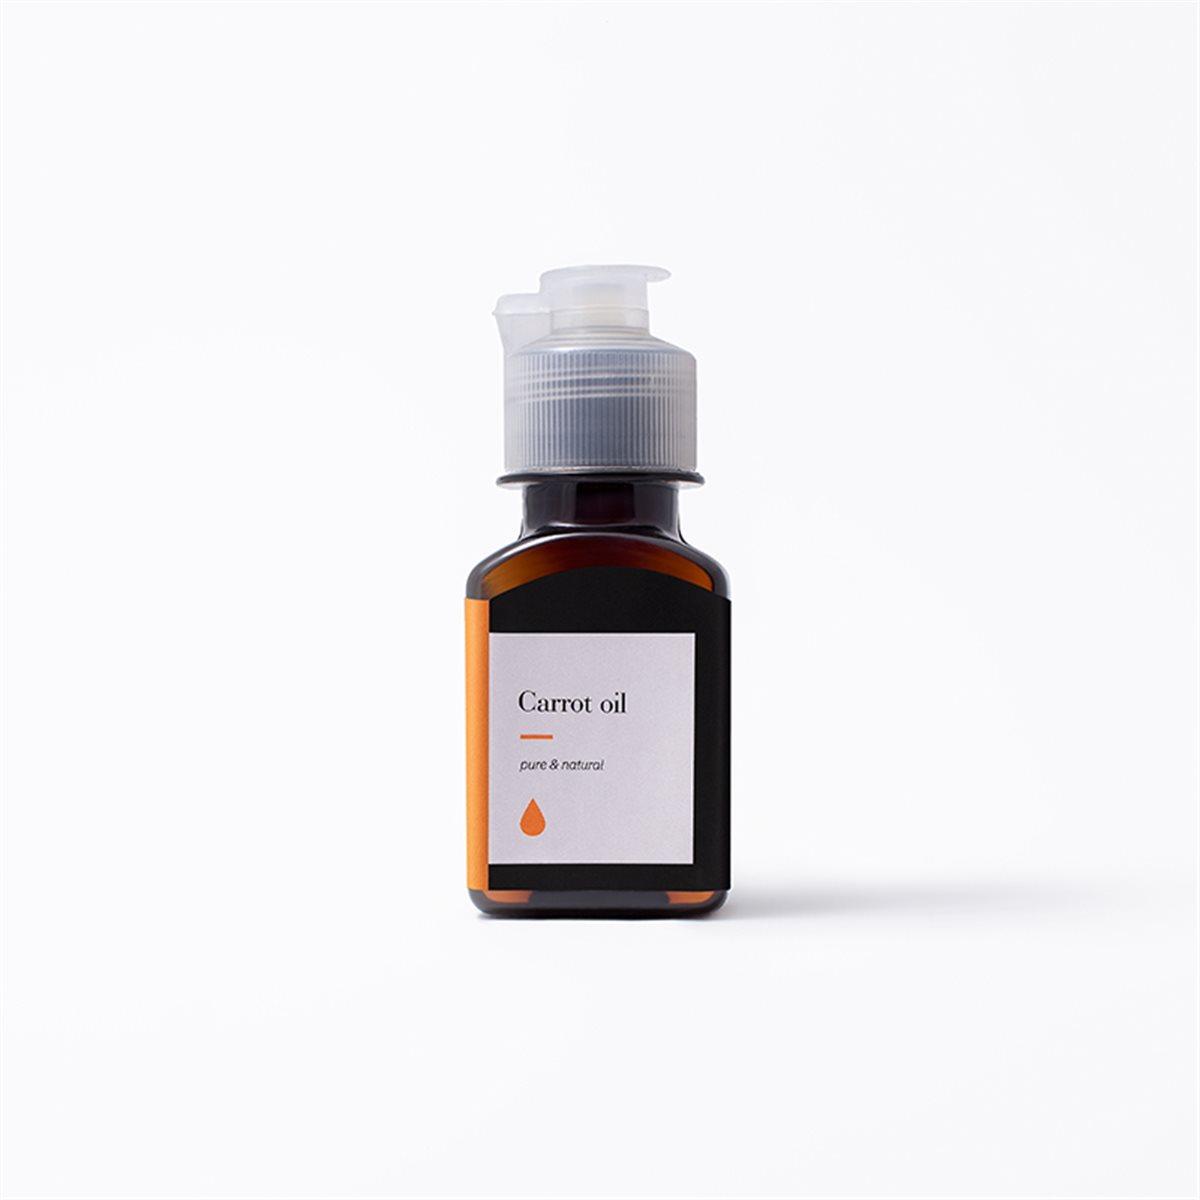 روغن هویج خالص زیمالب با جذب بالا برای برنزه شدن طبیعی و رطوبت پوست